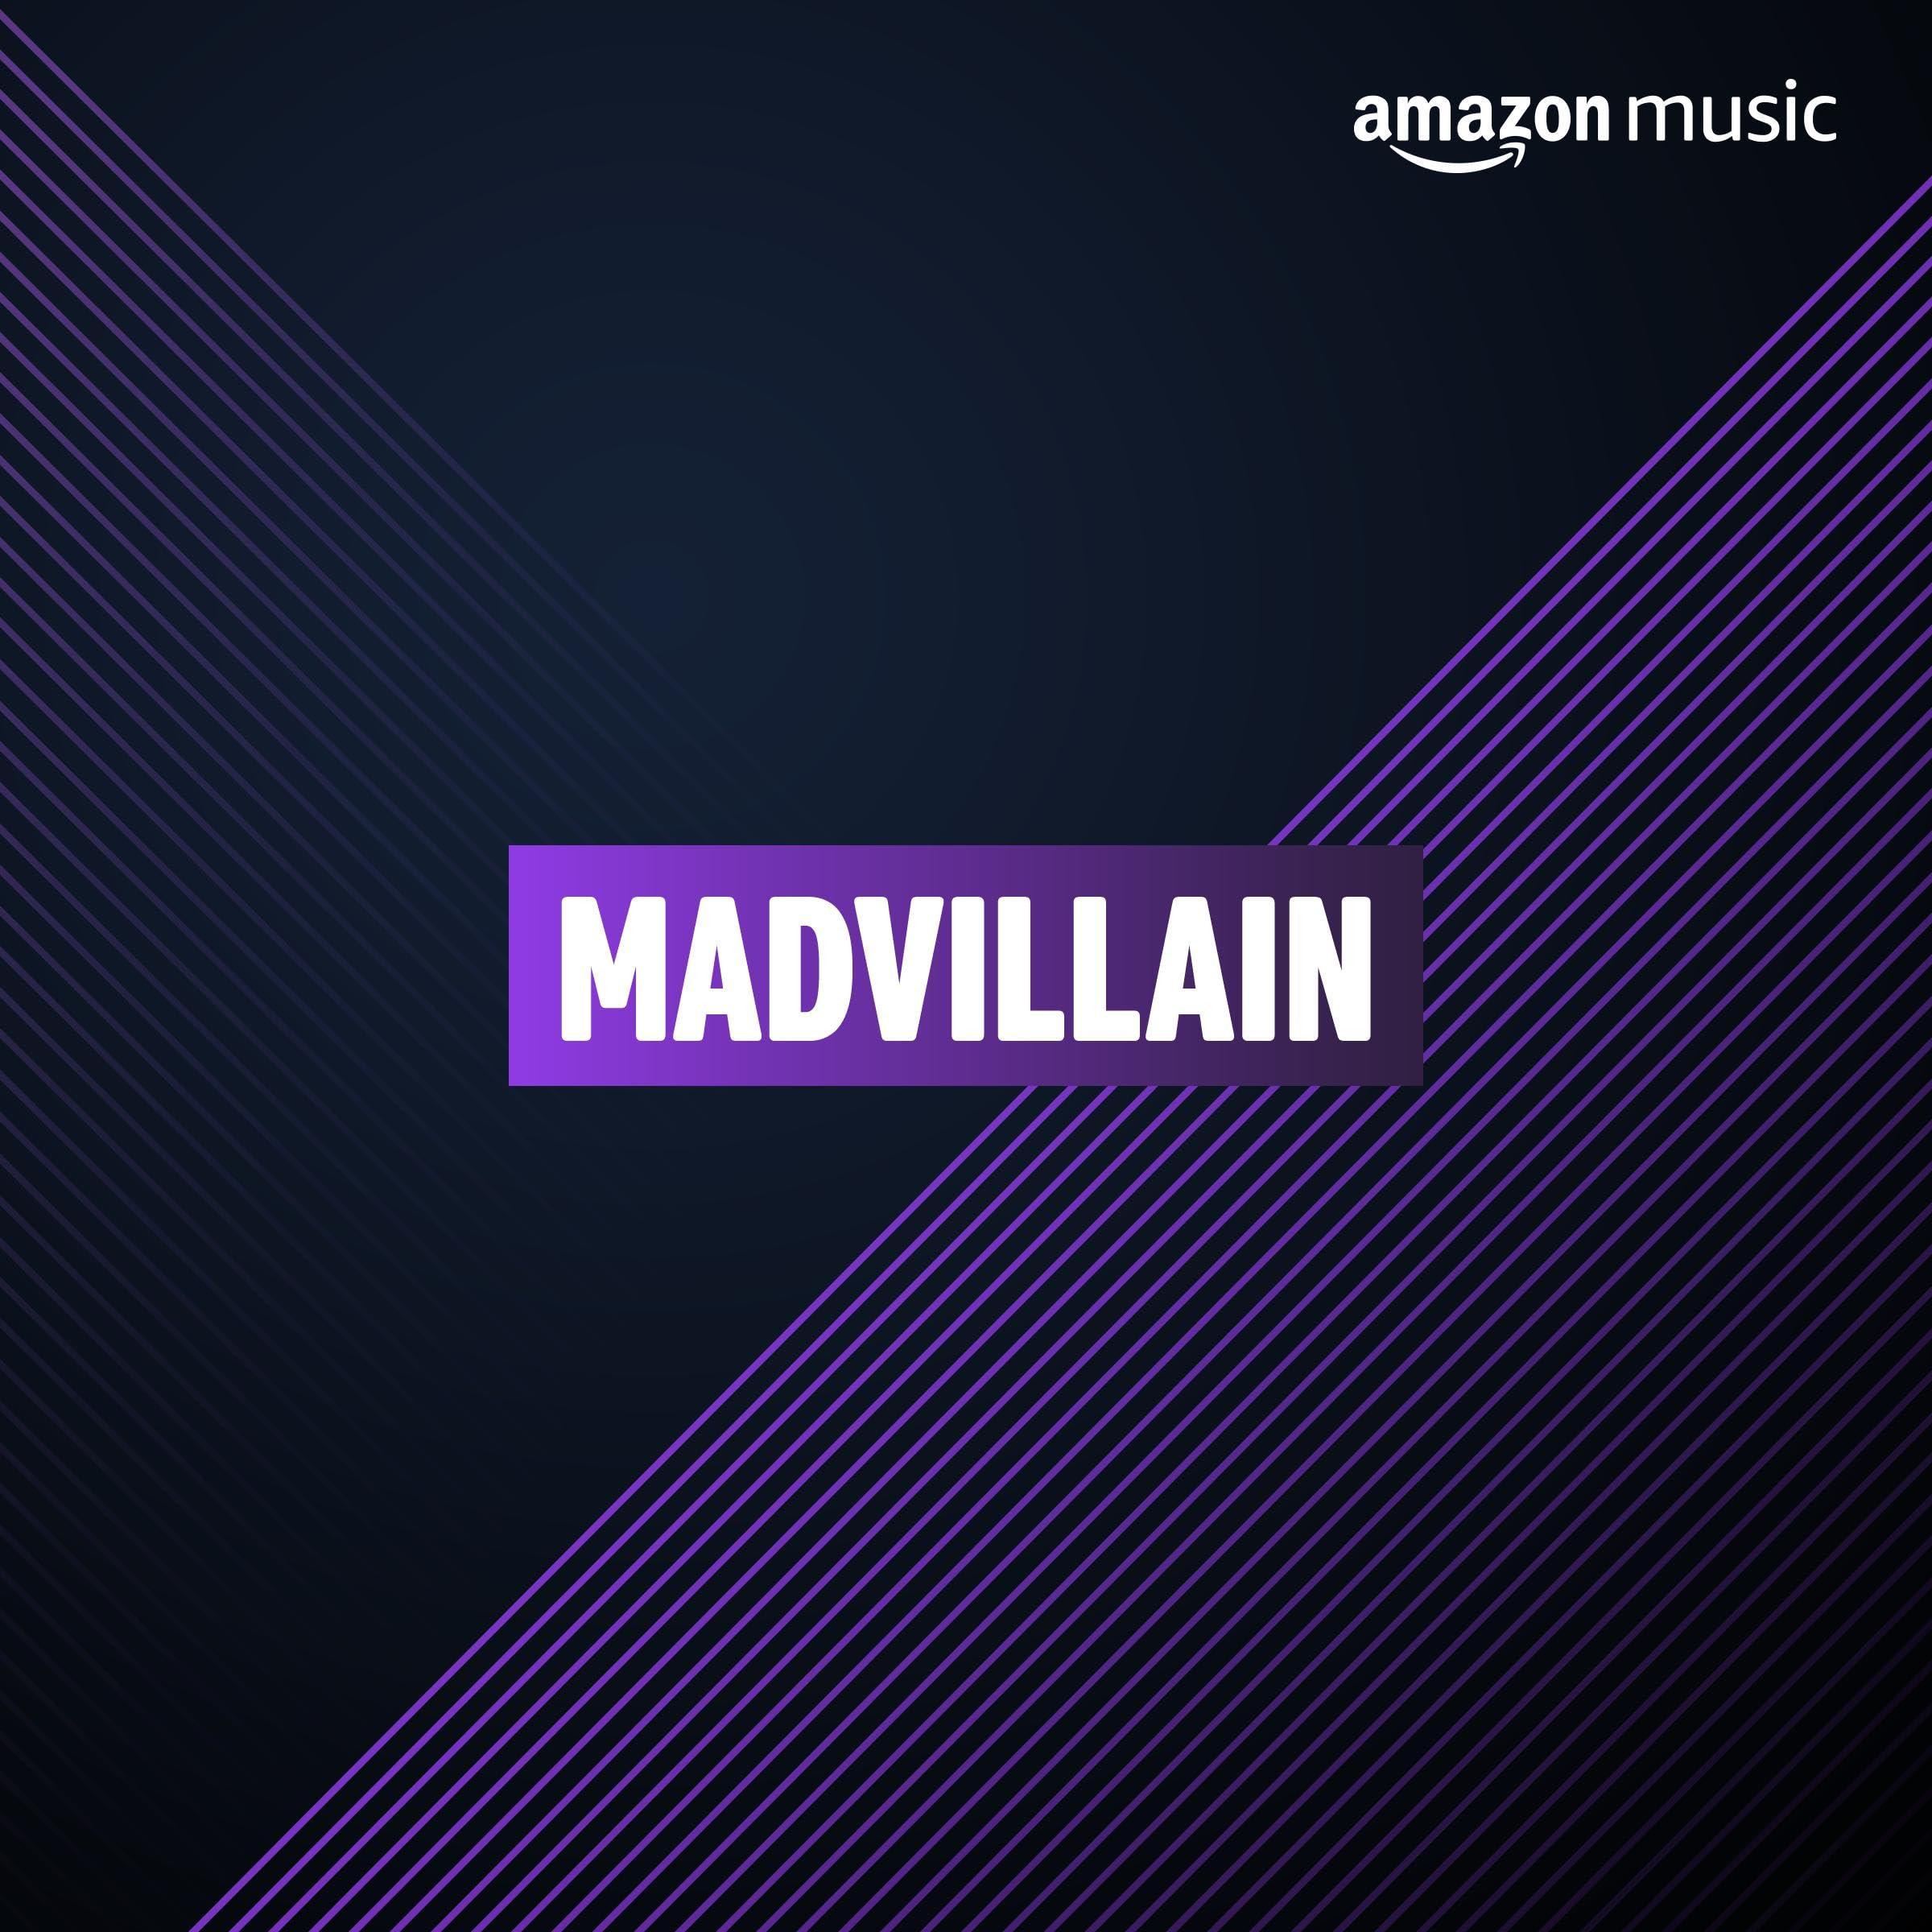 Madvillain